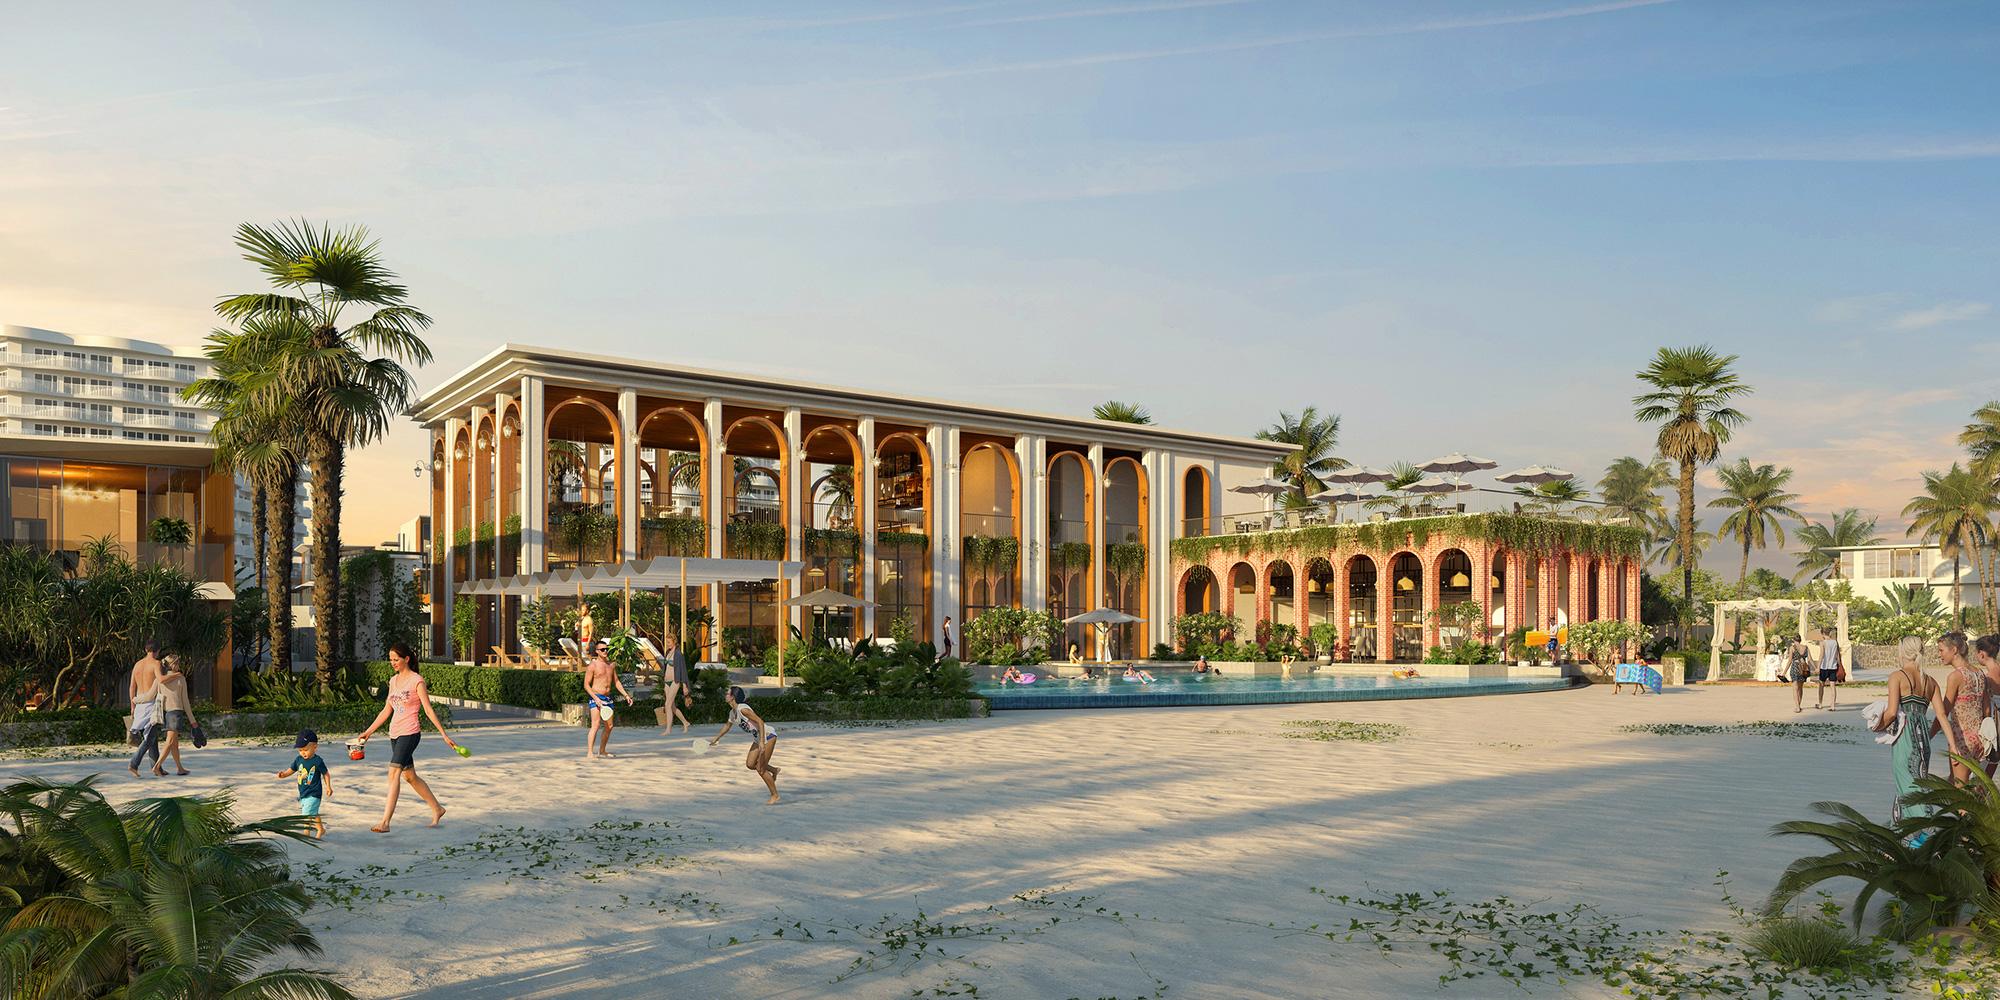 BĐS ven Hội An thắng thế nhờ dòng sản phẩm mới Shantira Beach Resort & Spa - Ảnh 16.